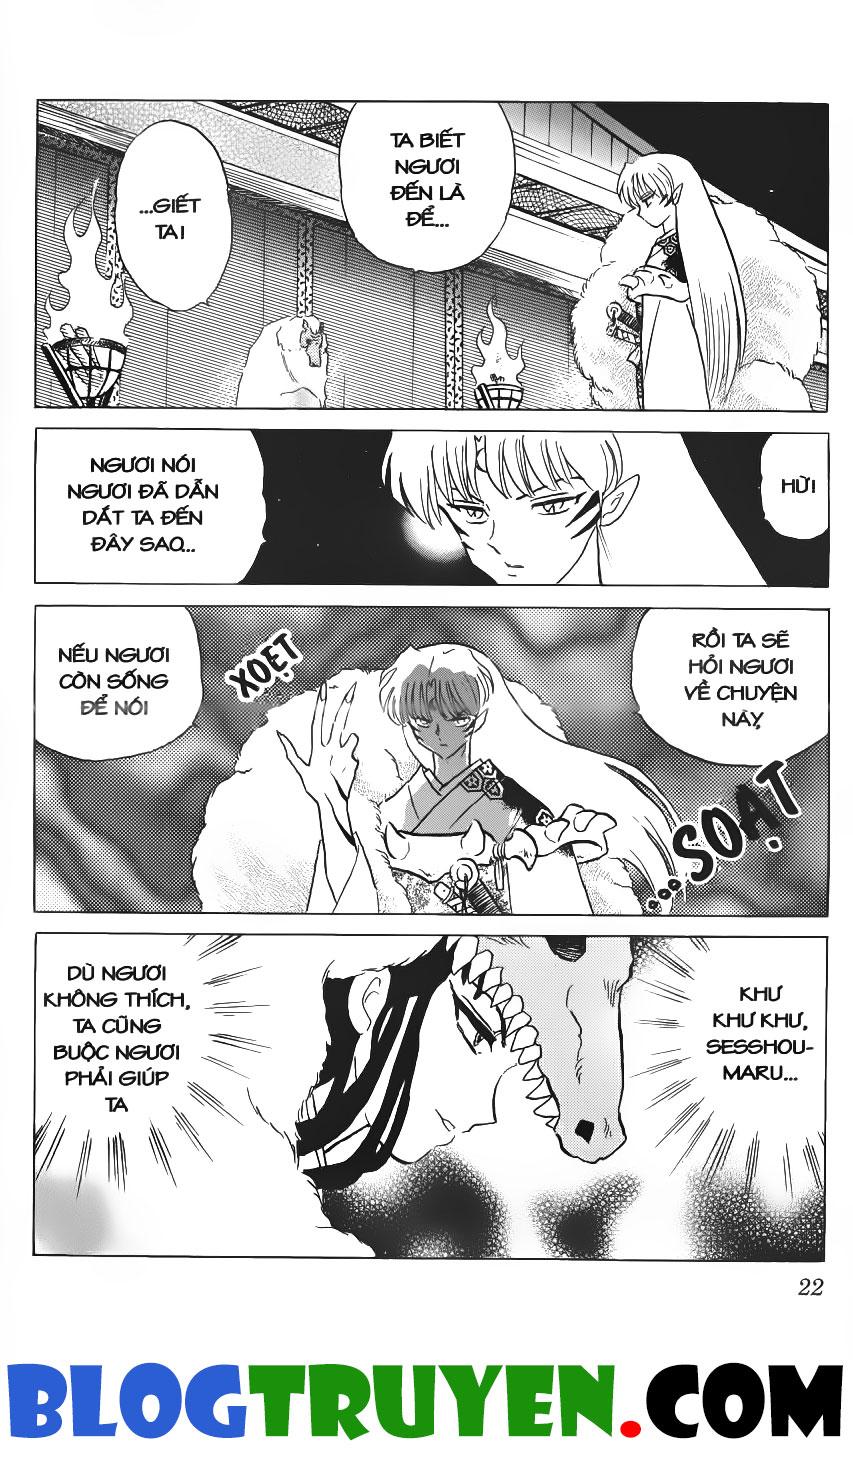 Inuyasha vol 23.1 trang 20